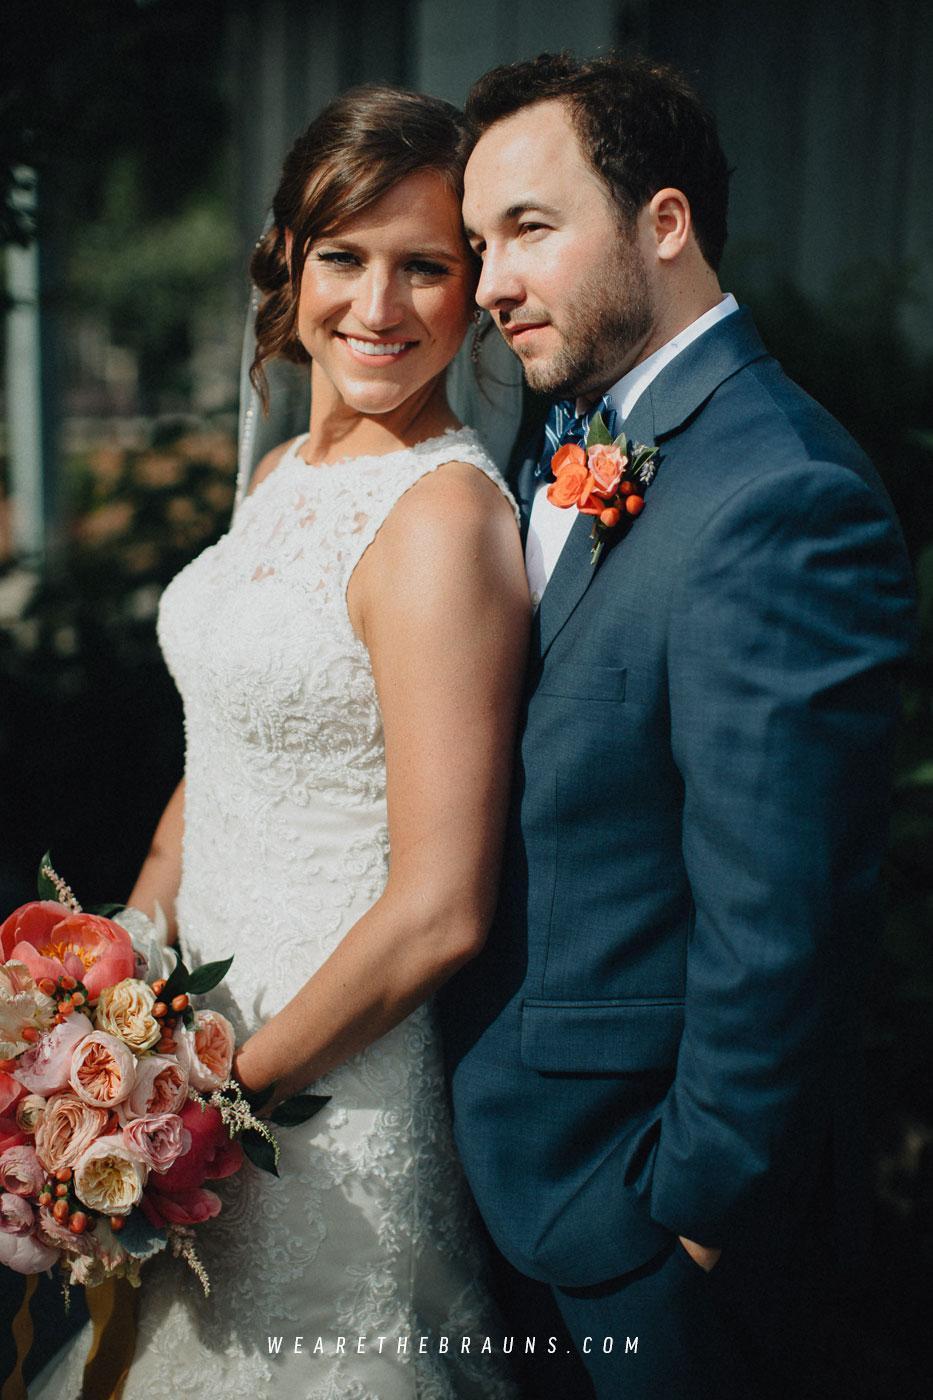 Stephanie-Ryan-Bride-Groom-144.jpg